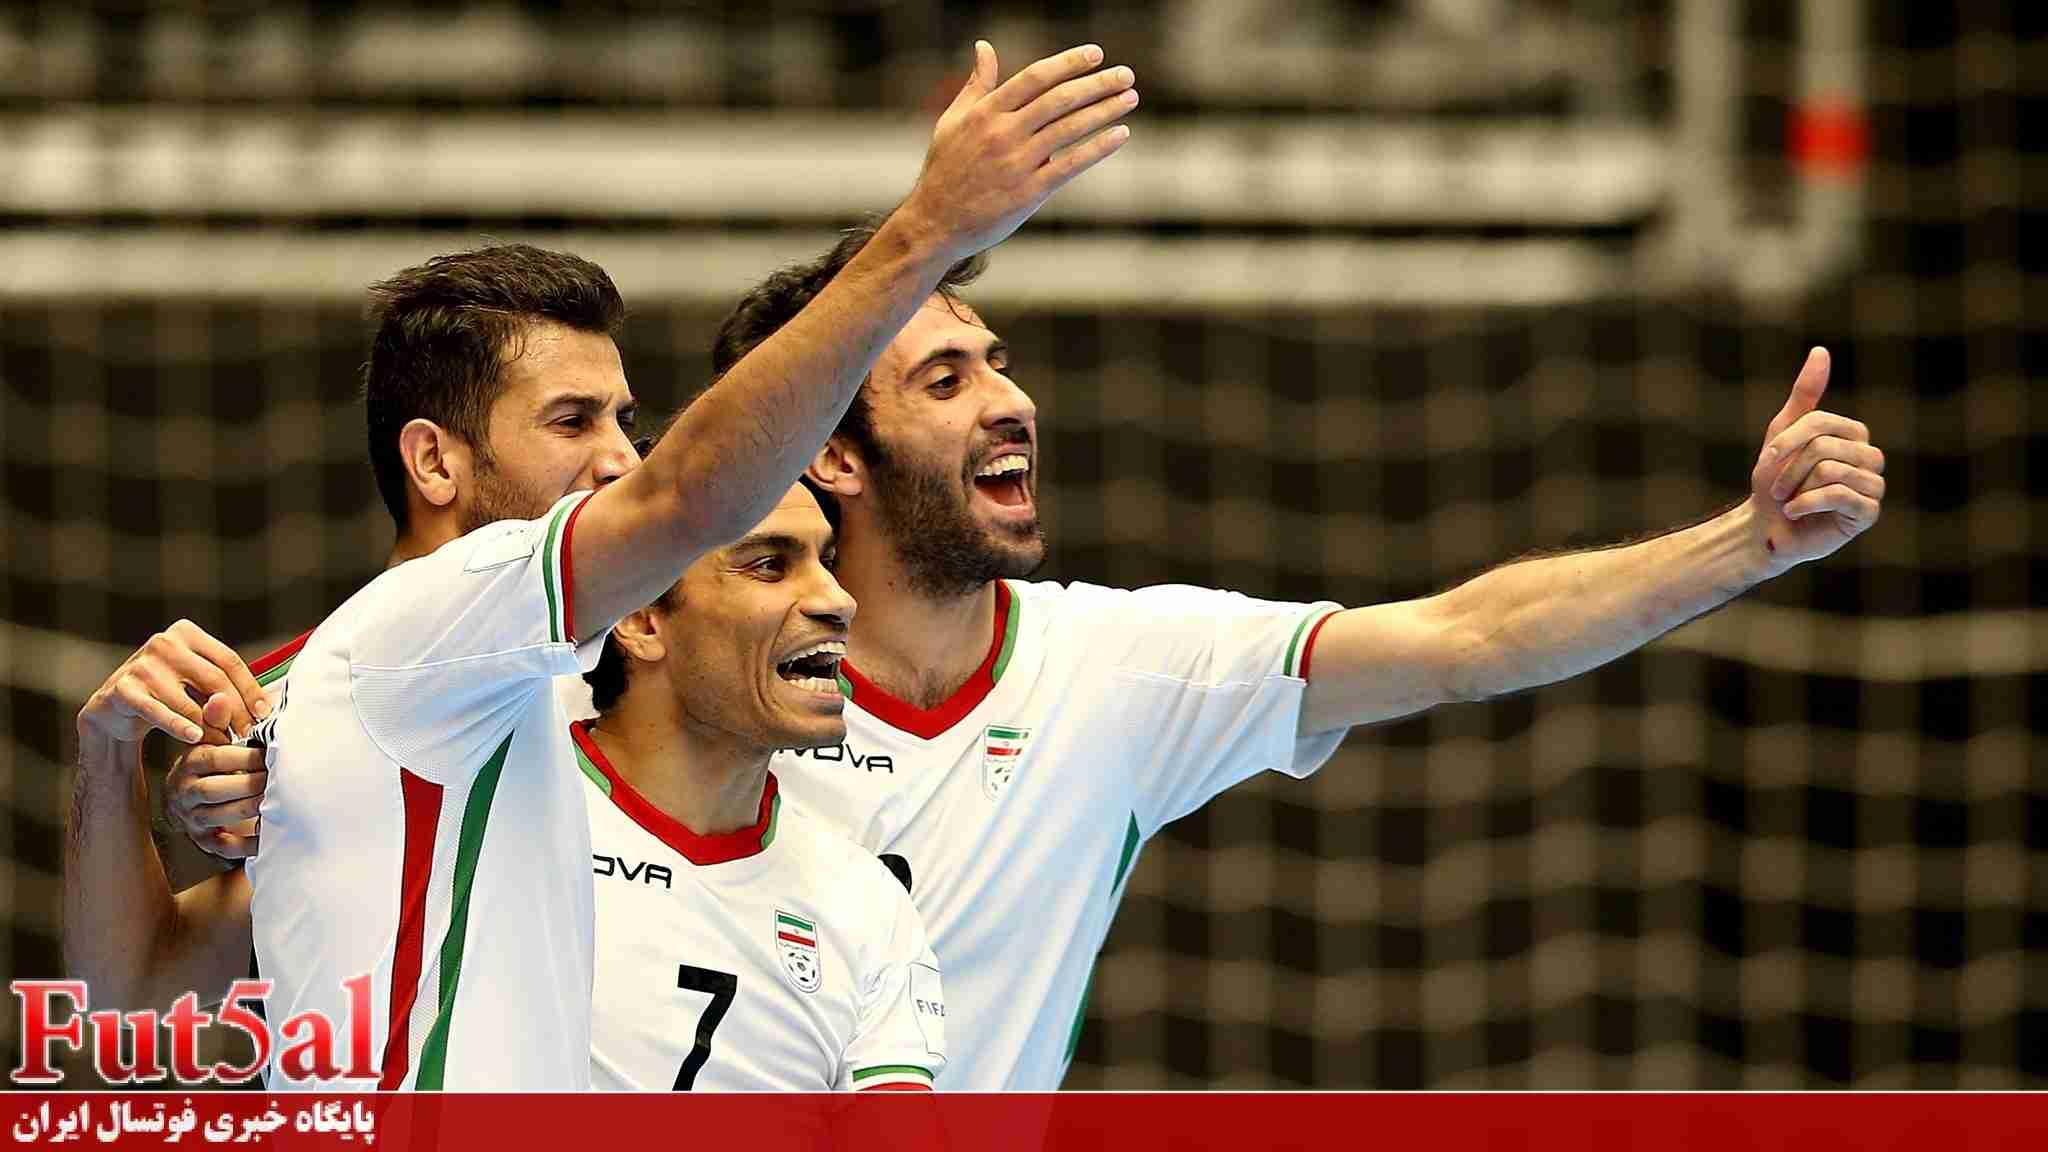 شانس سه بازیکن ایران برای کسب کفش برنزی جام جهانی